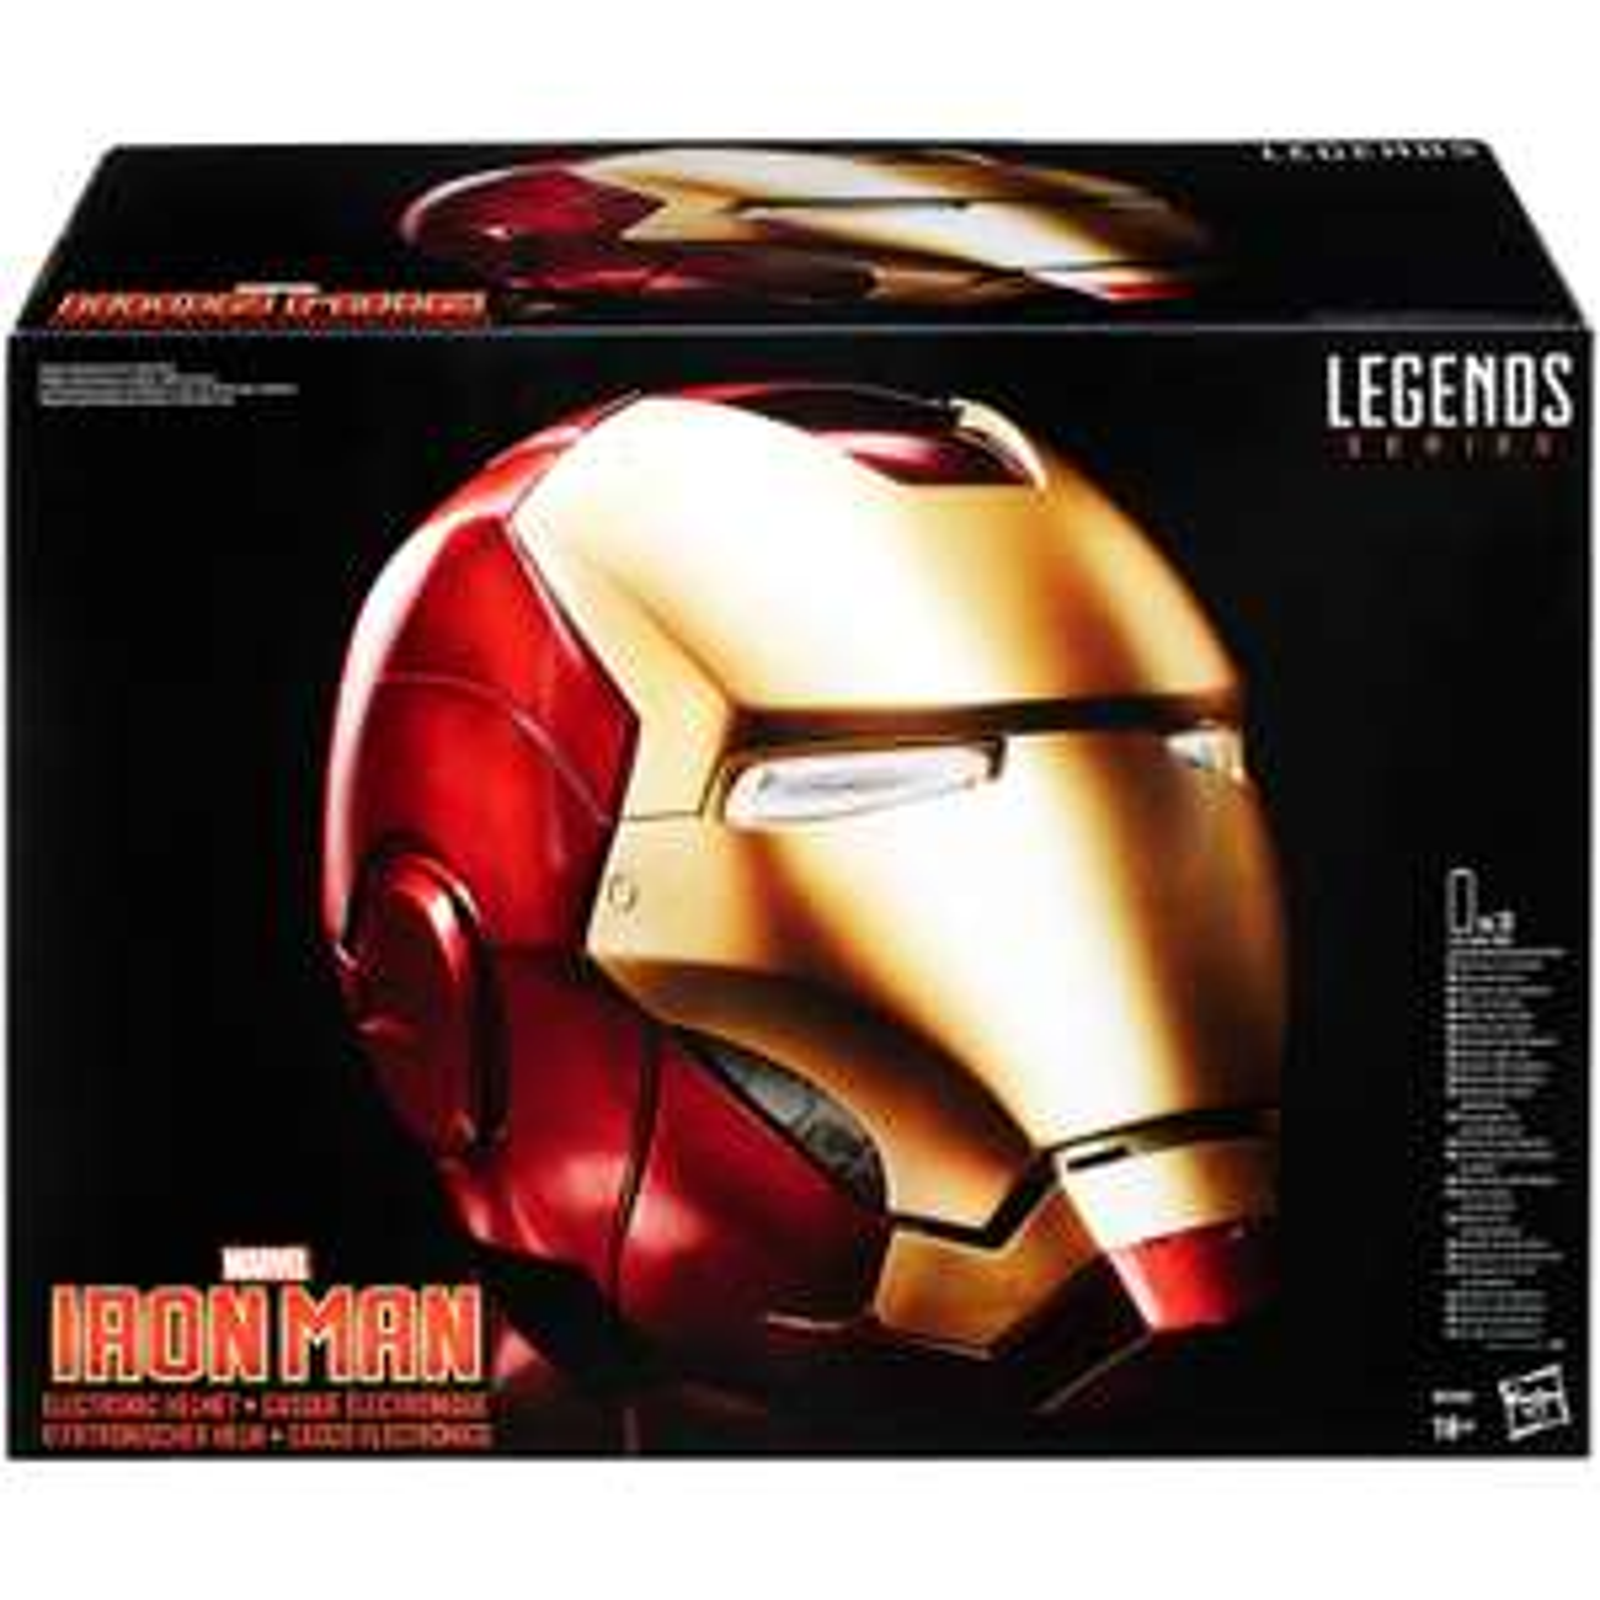 [Précommande] Casque Électronique The Avengers Marvel Legends - Iron Man (Taille Réelle)